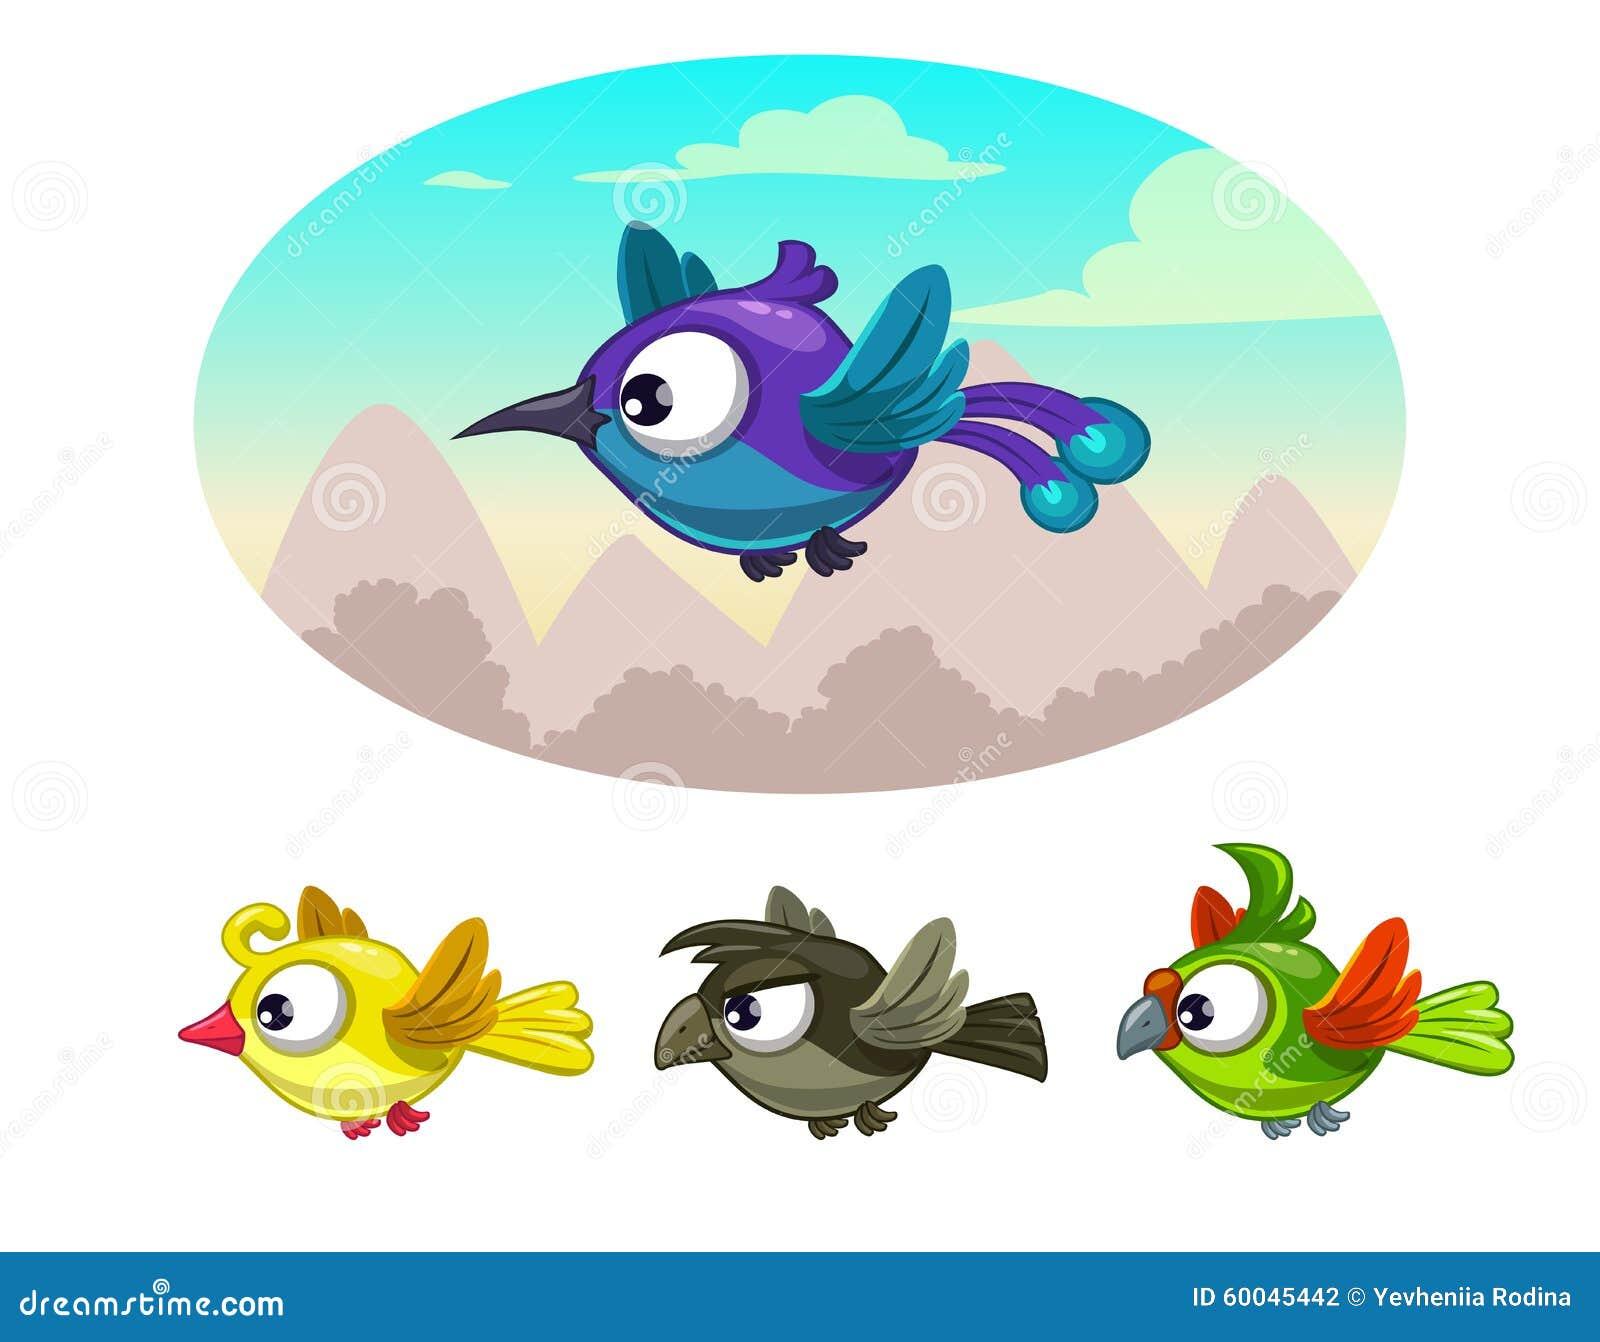 Stock Illustration Funny Cartoon Flying Different Birds Illustration I...